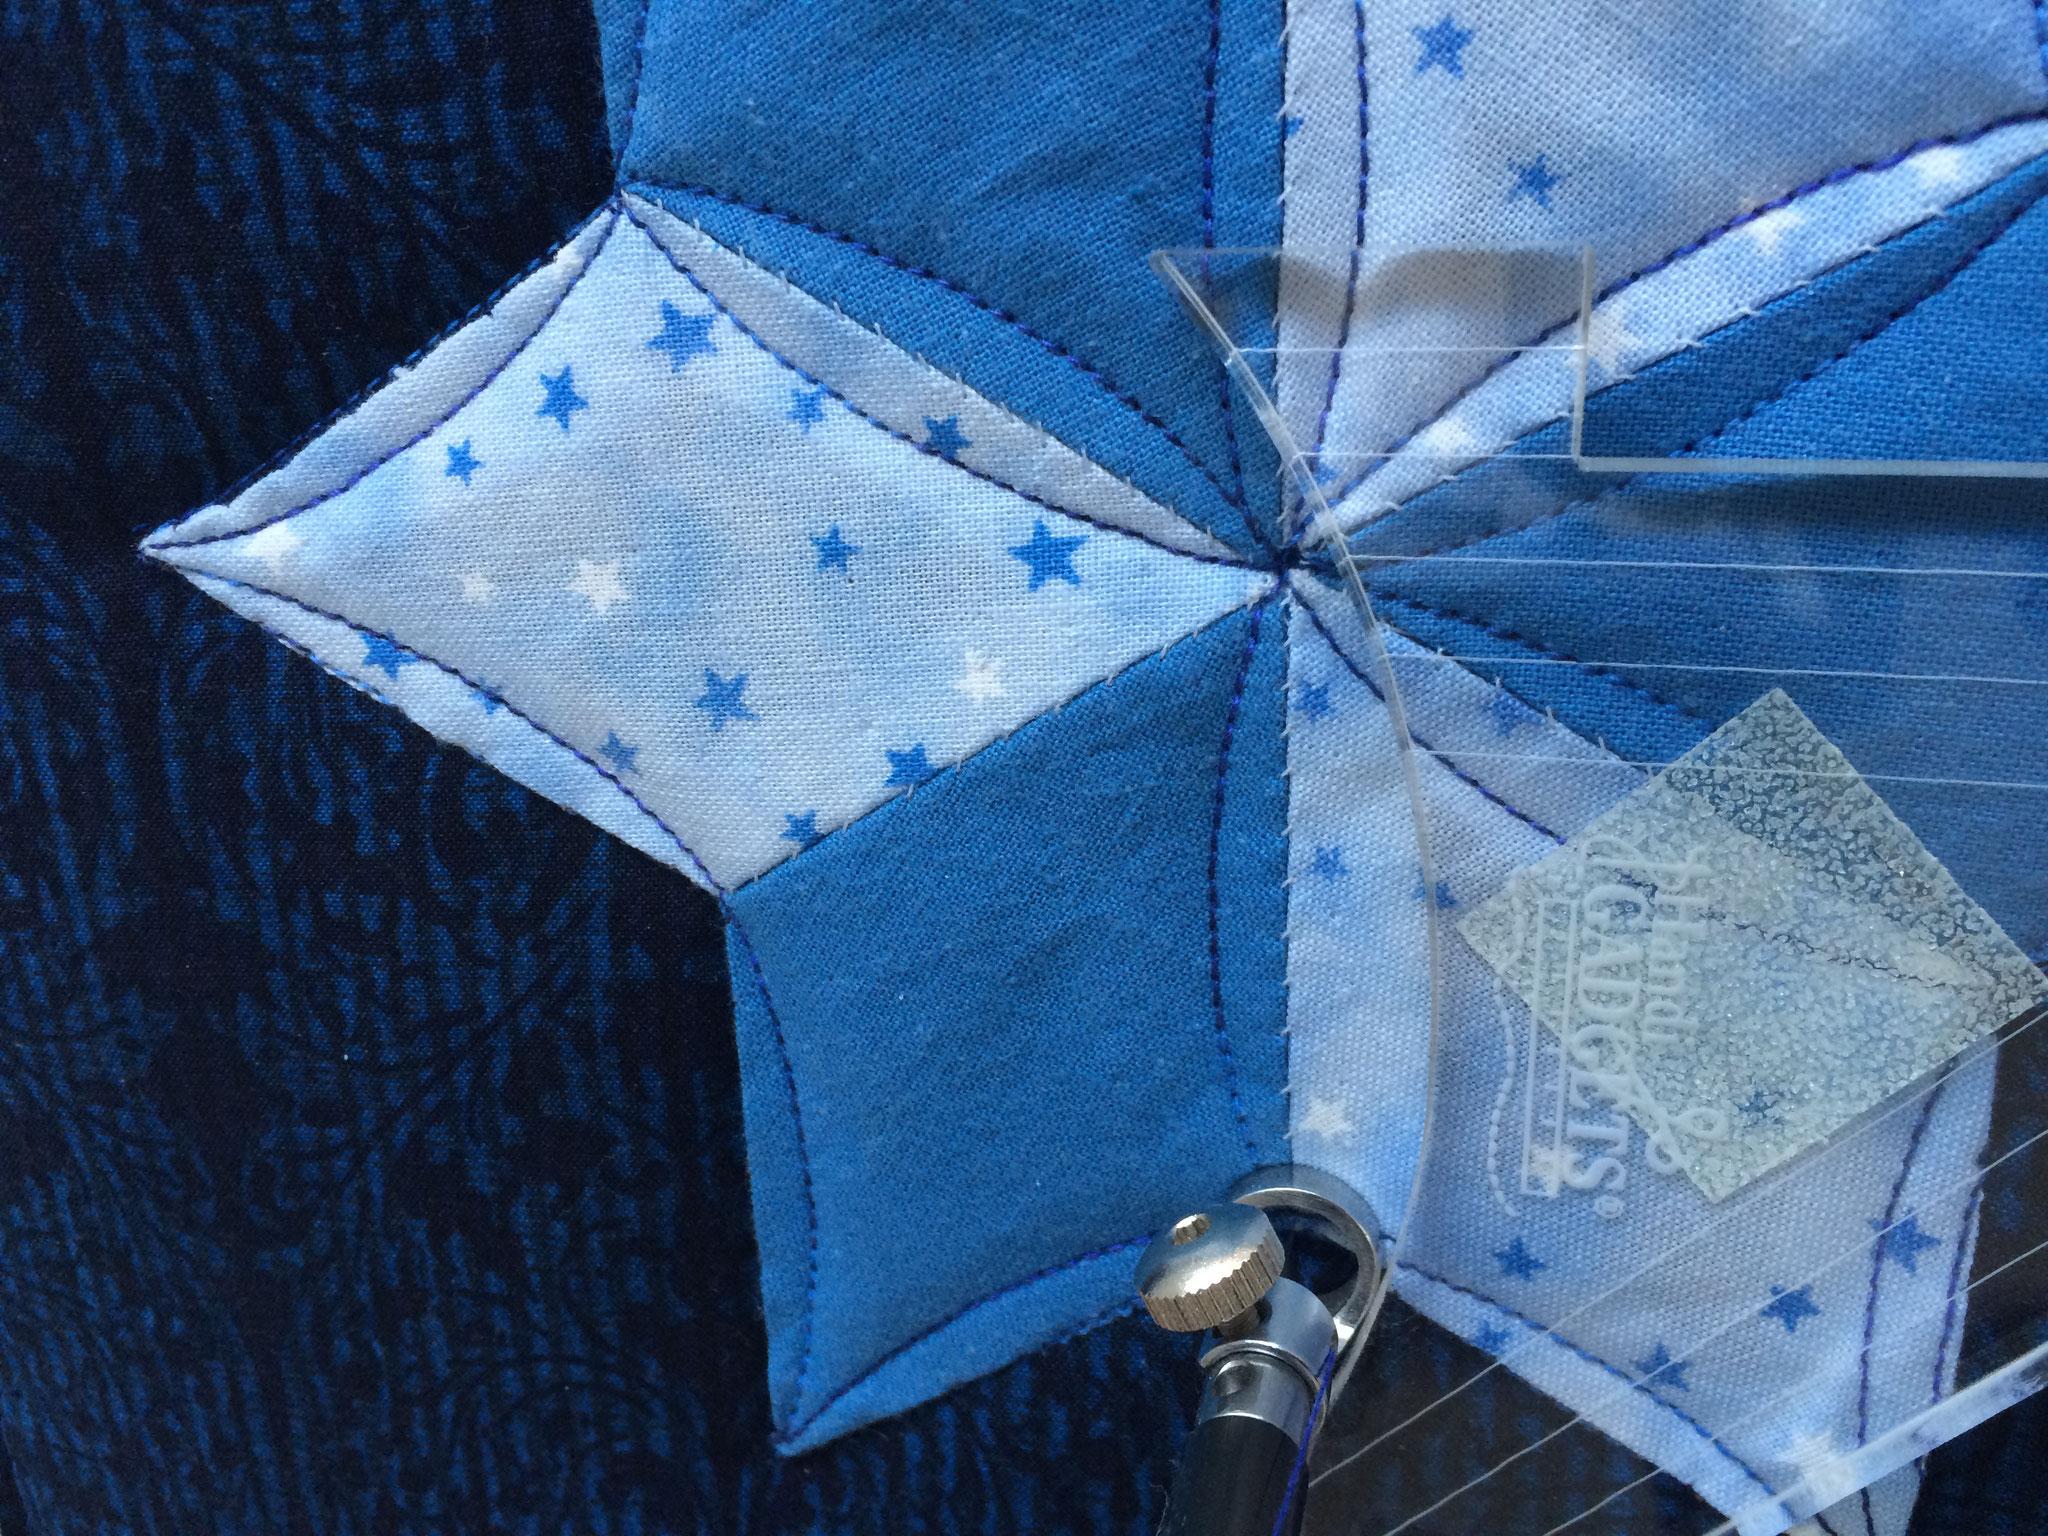 2è étoile faite avec la règle : nettement plus joli :-)